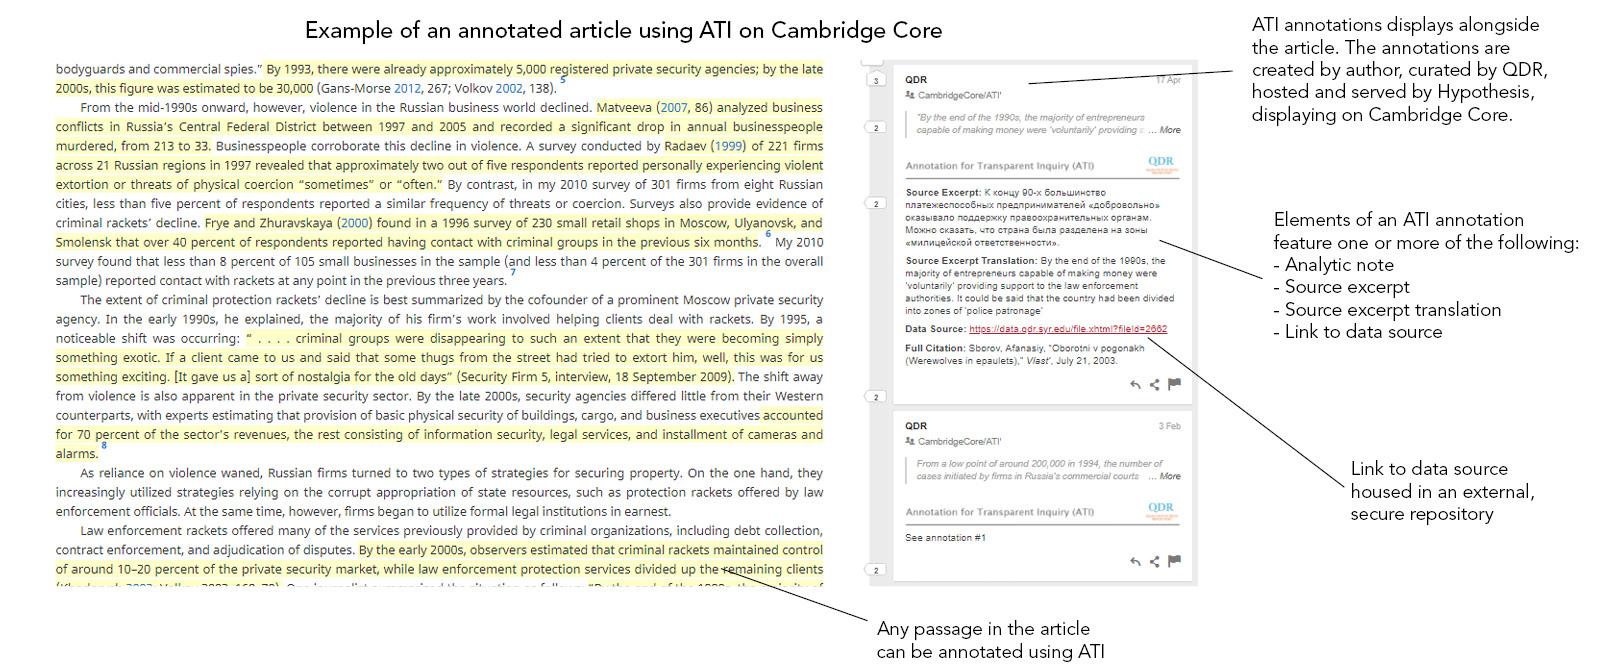 ATI annotation diagram